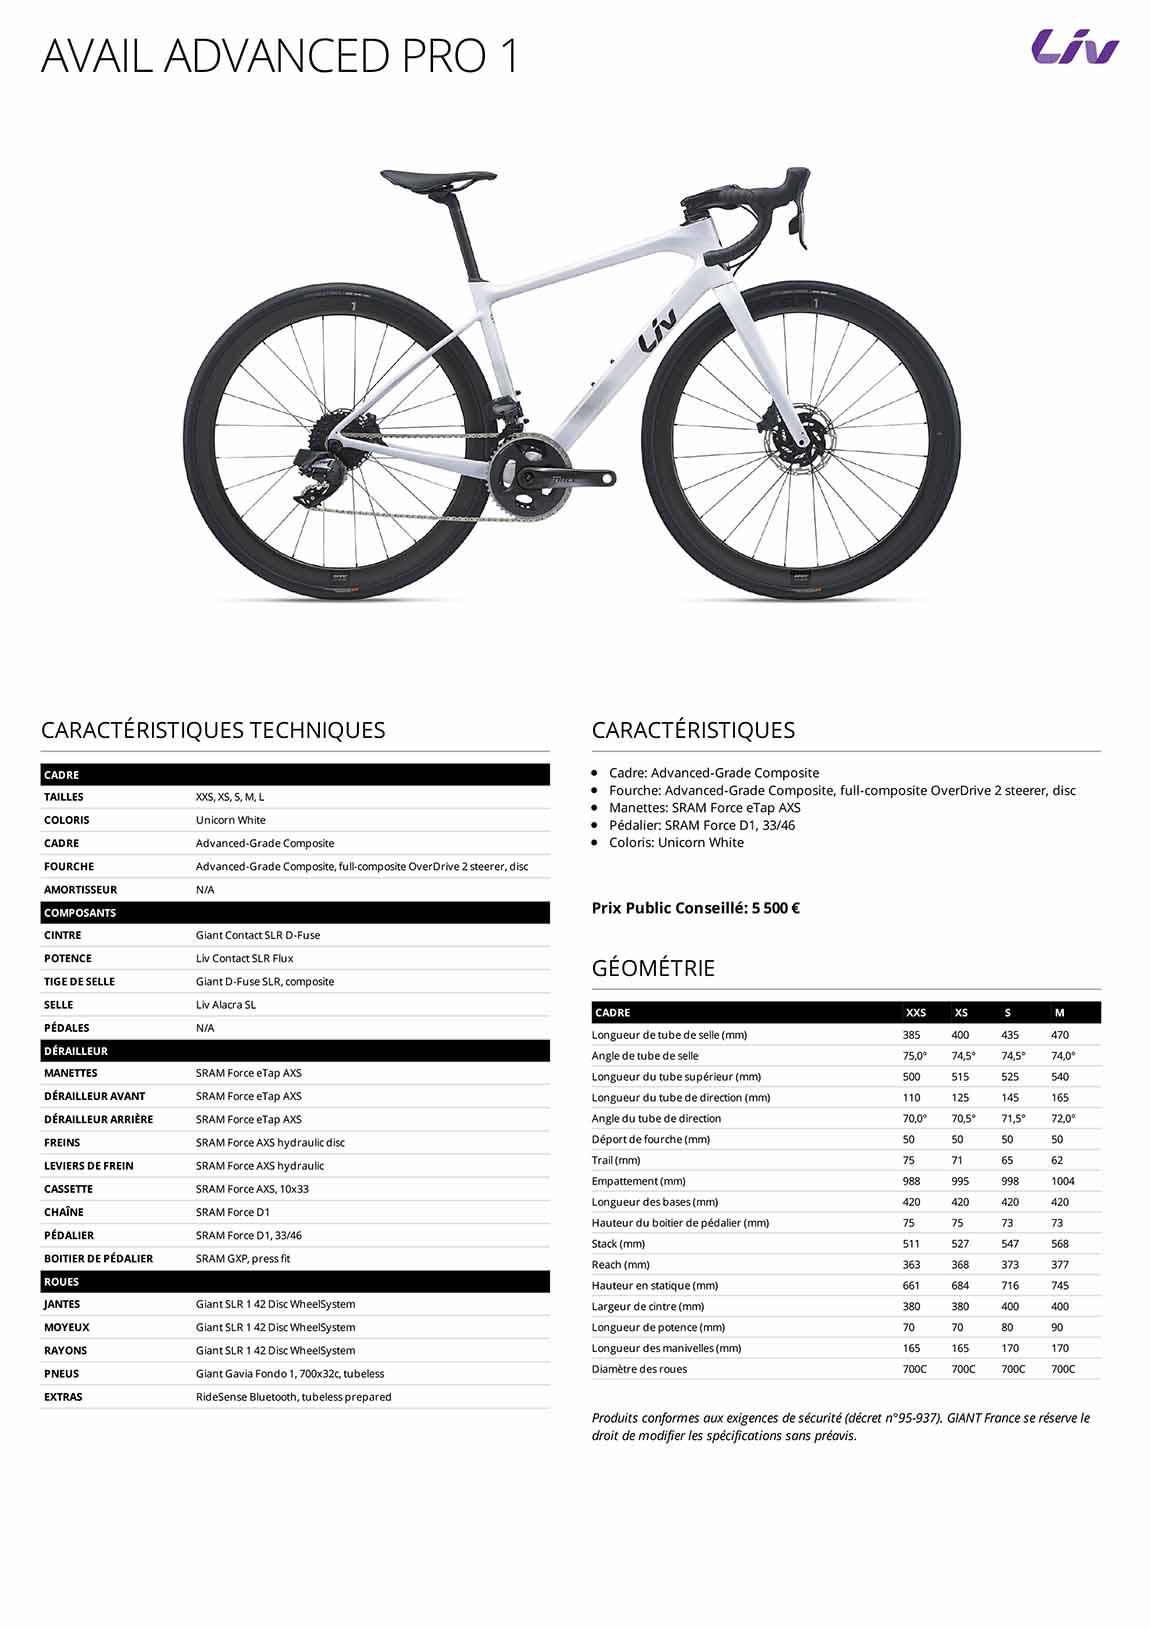 Caractéristiques techniques Vélo femme LIV Avail Advanced Pro 1 2021